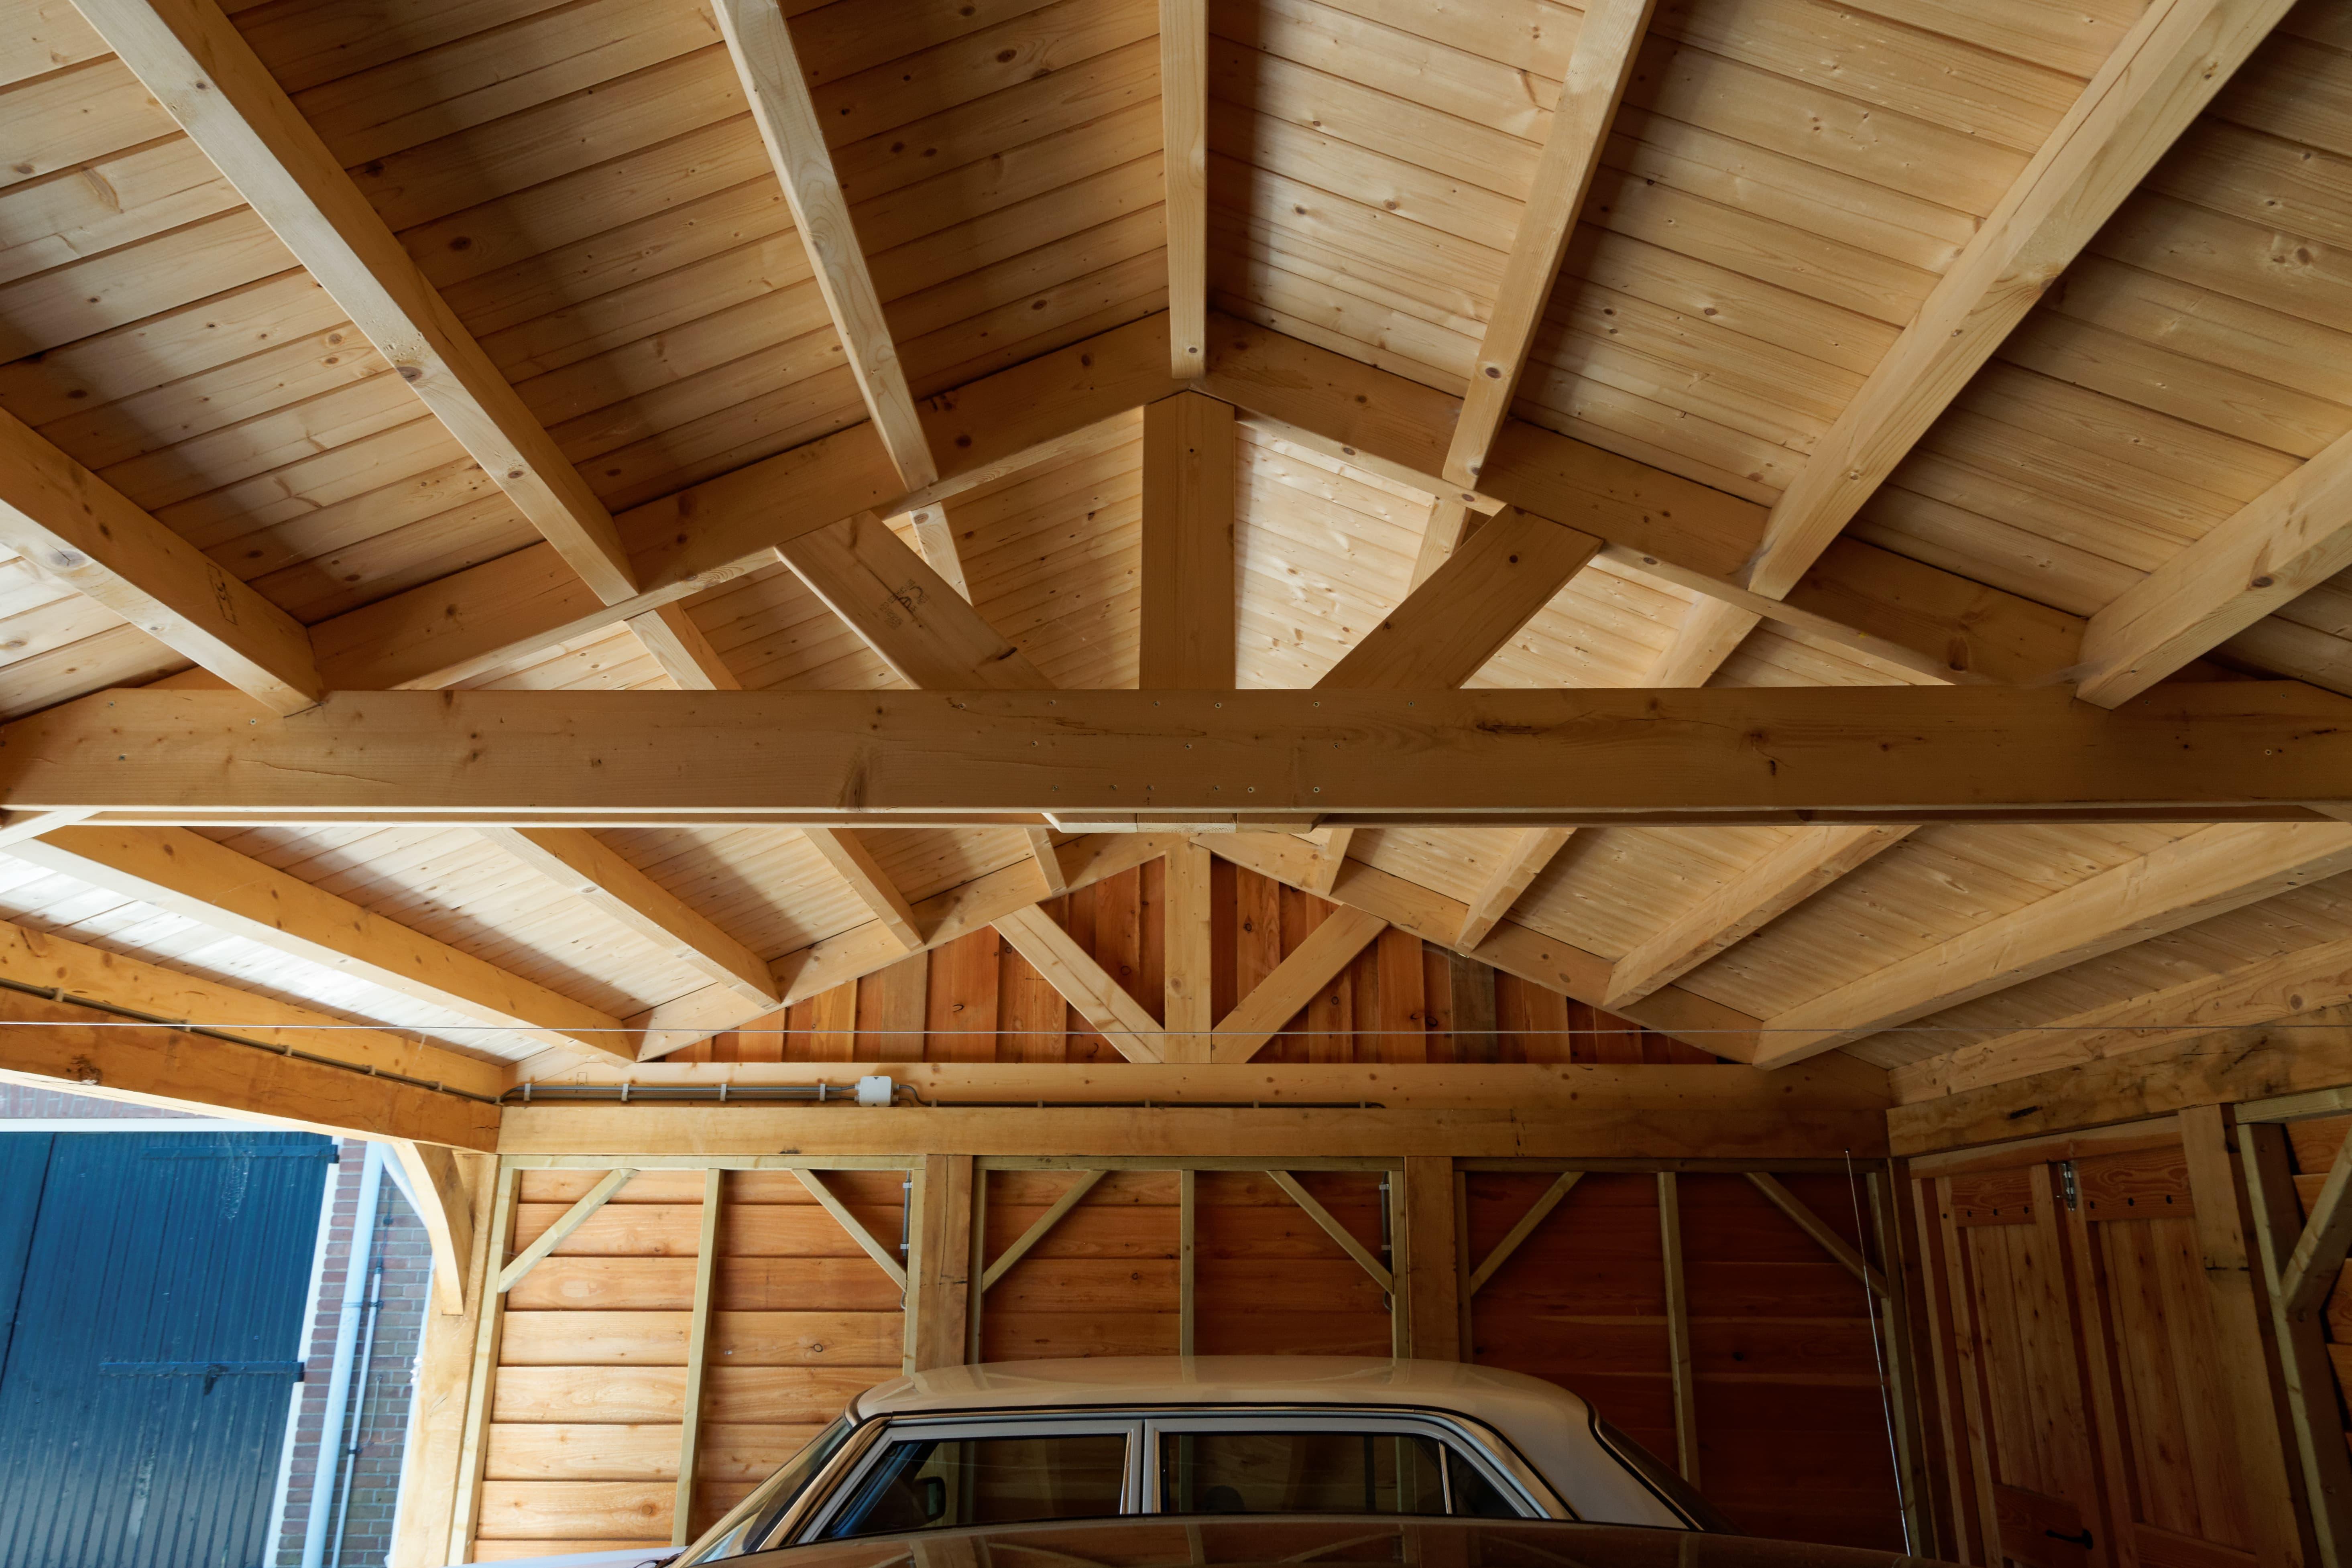 houten-kapschuur-met-overkapping-8-min-2 - Project: Meppel houten kapschuur met carport